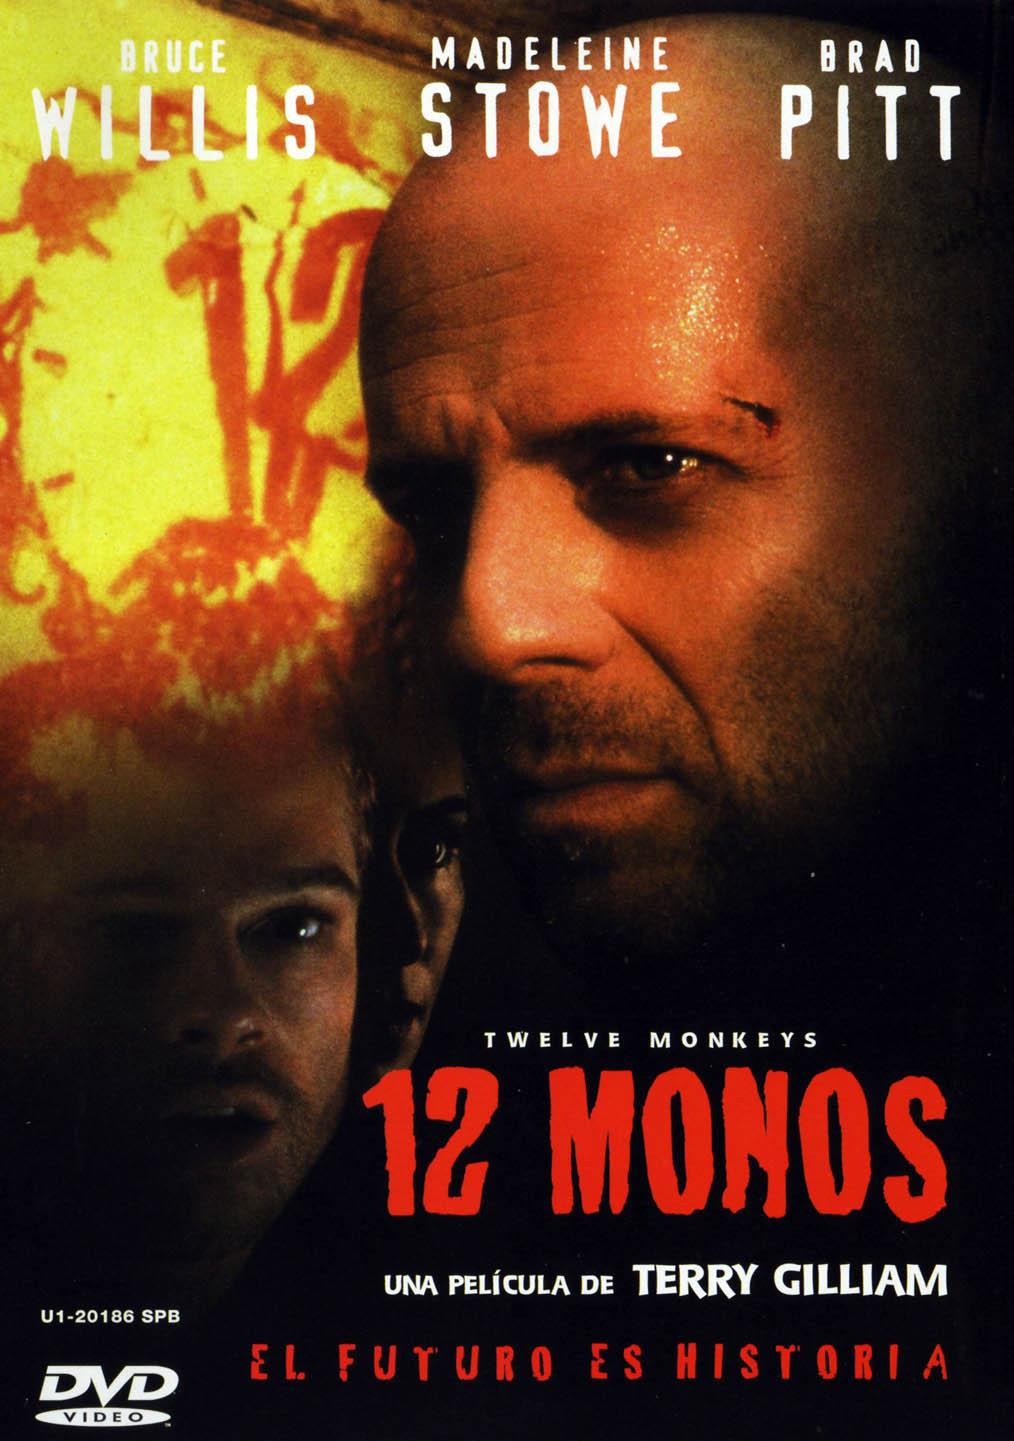 12 monos: